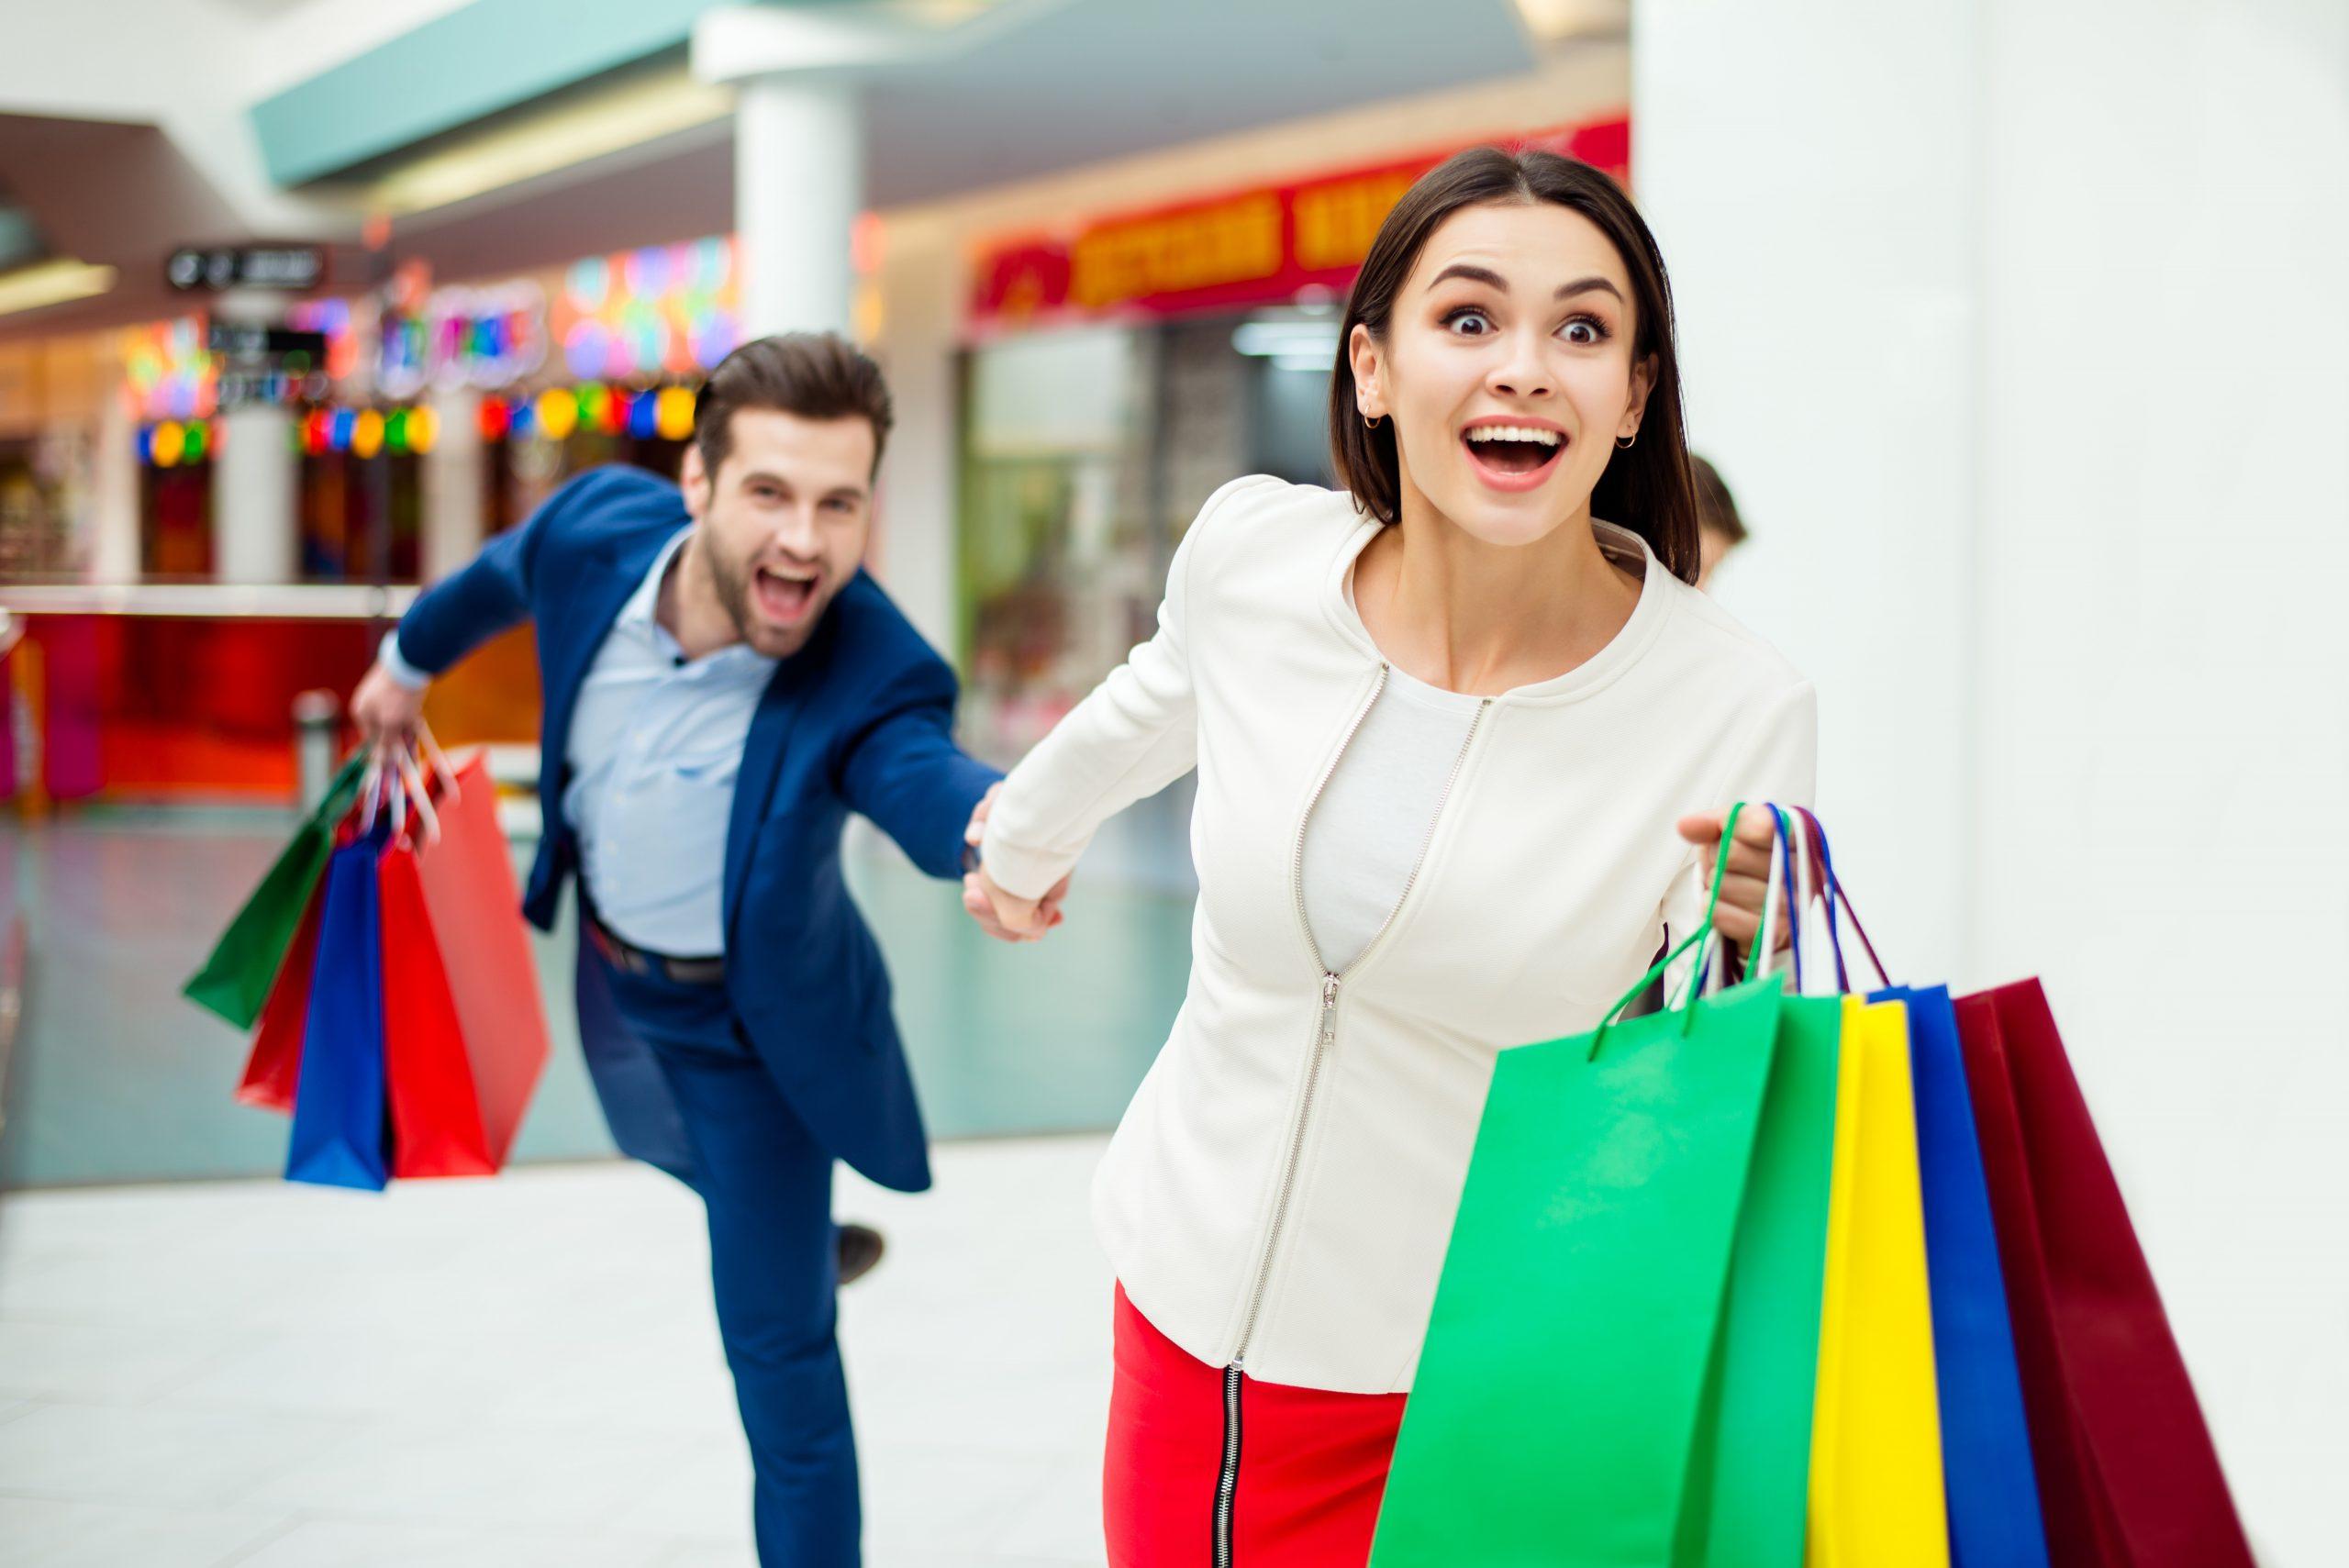 de koopjeskalender een must voor iedereen die van besparen houdt